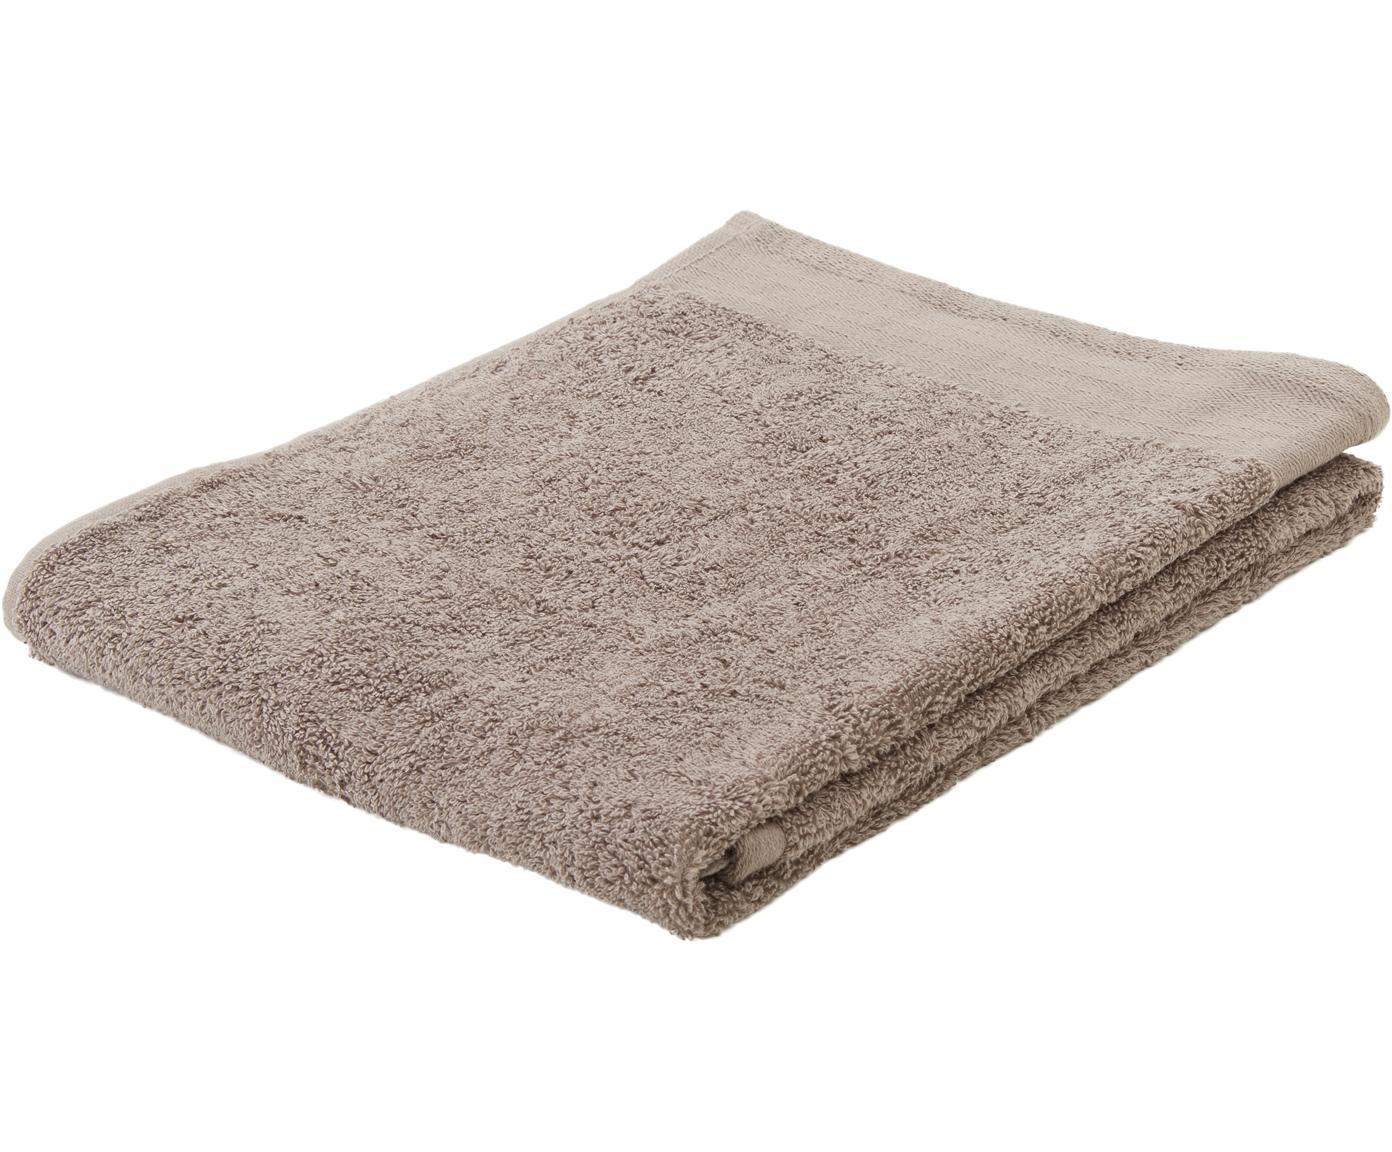 Handdoek Soft Cotton, Katoen, middelzware kwaliteit, 550 g/m², Taupe, Handdoek